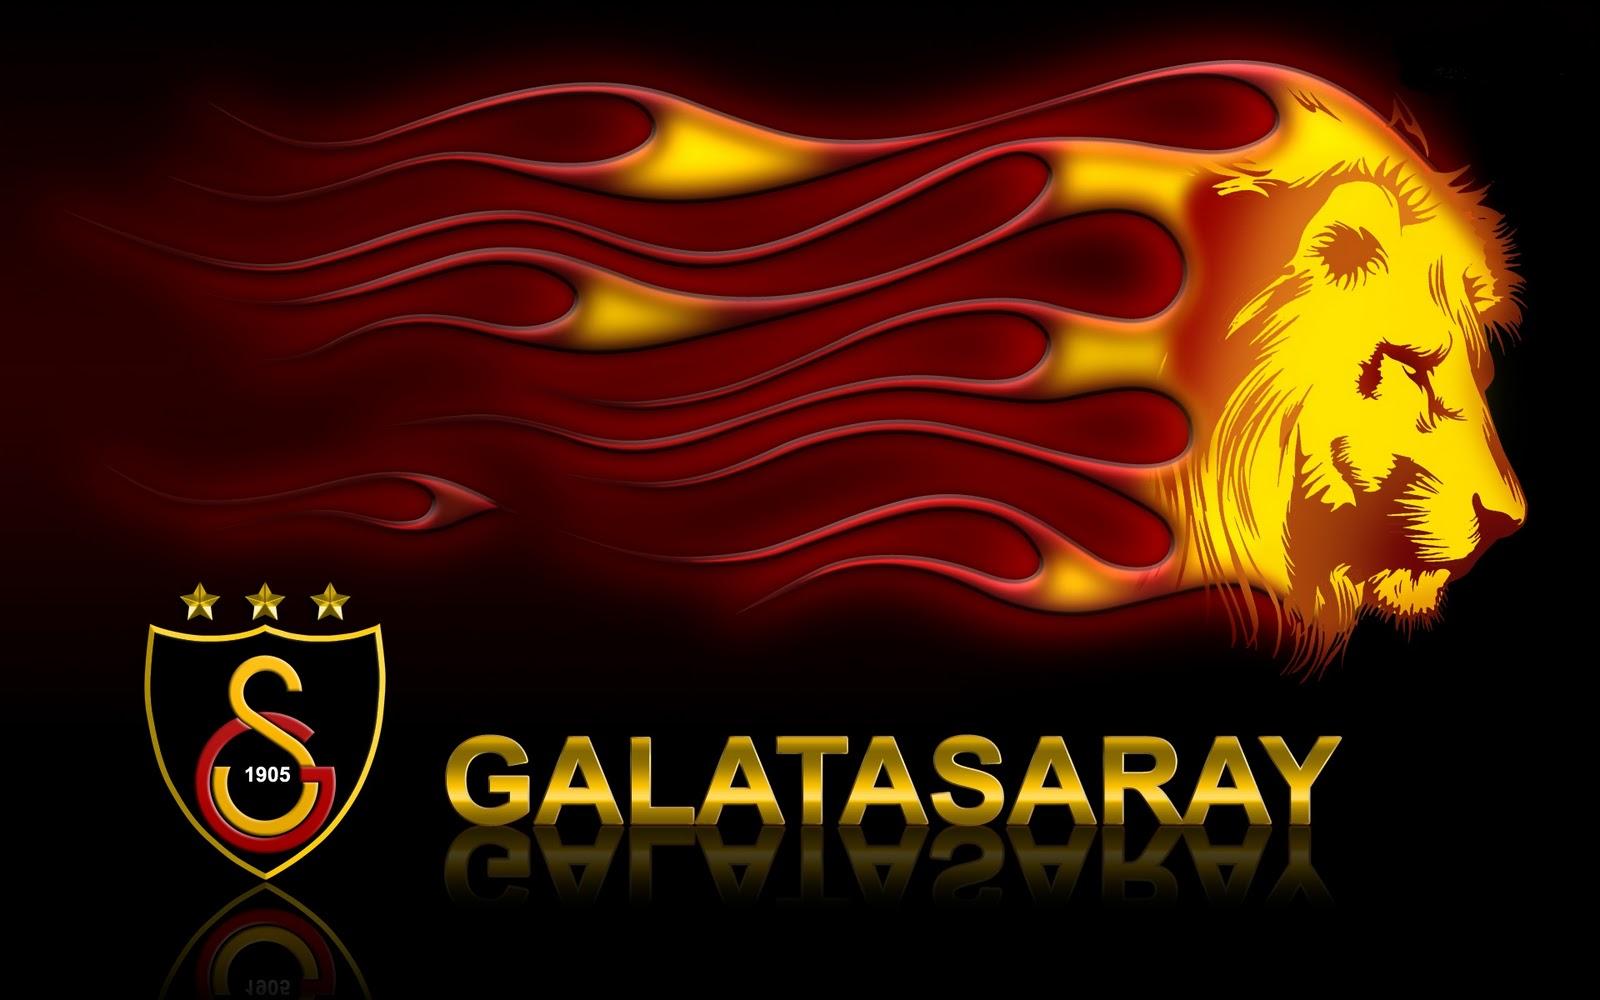 http://3.bp.blogspot.com/-1LpkZYo-4dI/UBjt3R56J6I/AAAAAAAAF2M/gmUphF3sn4g/s1600/galatasaray-amblemleri-9%2Bgalatasaray-wallpaper-galatasaray-logo-galatasaray-res%C4%B1mler%C4%B1-galatasaray-resmi-galatasar-2012,%2Bgs-duvar%2Bka%C4%9F%C4%B1tlar-hd.jpg